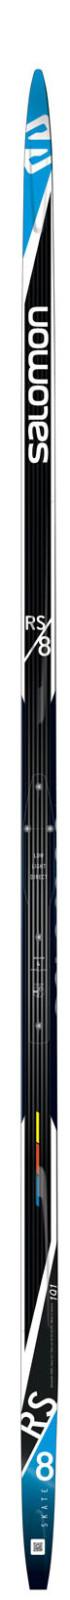 běžecké lyže Salomon RS 8